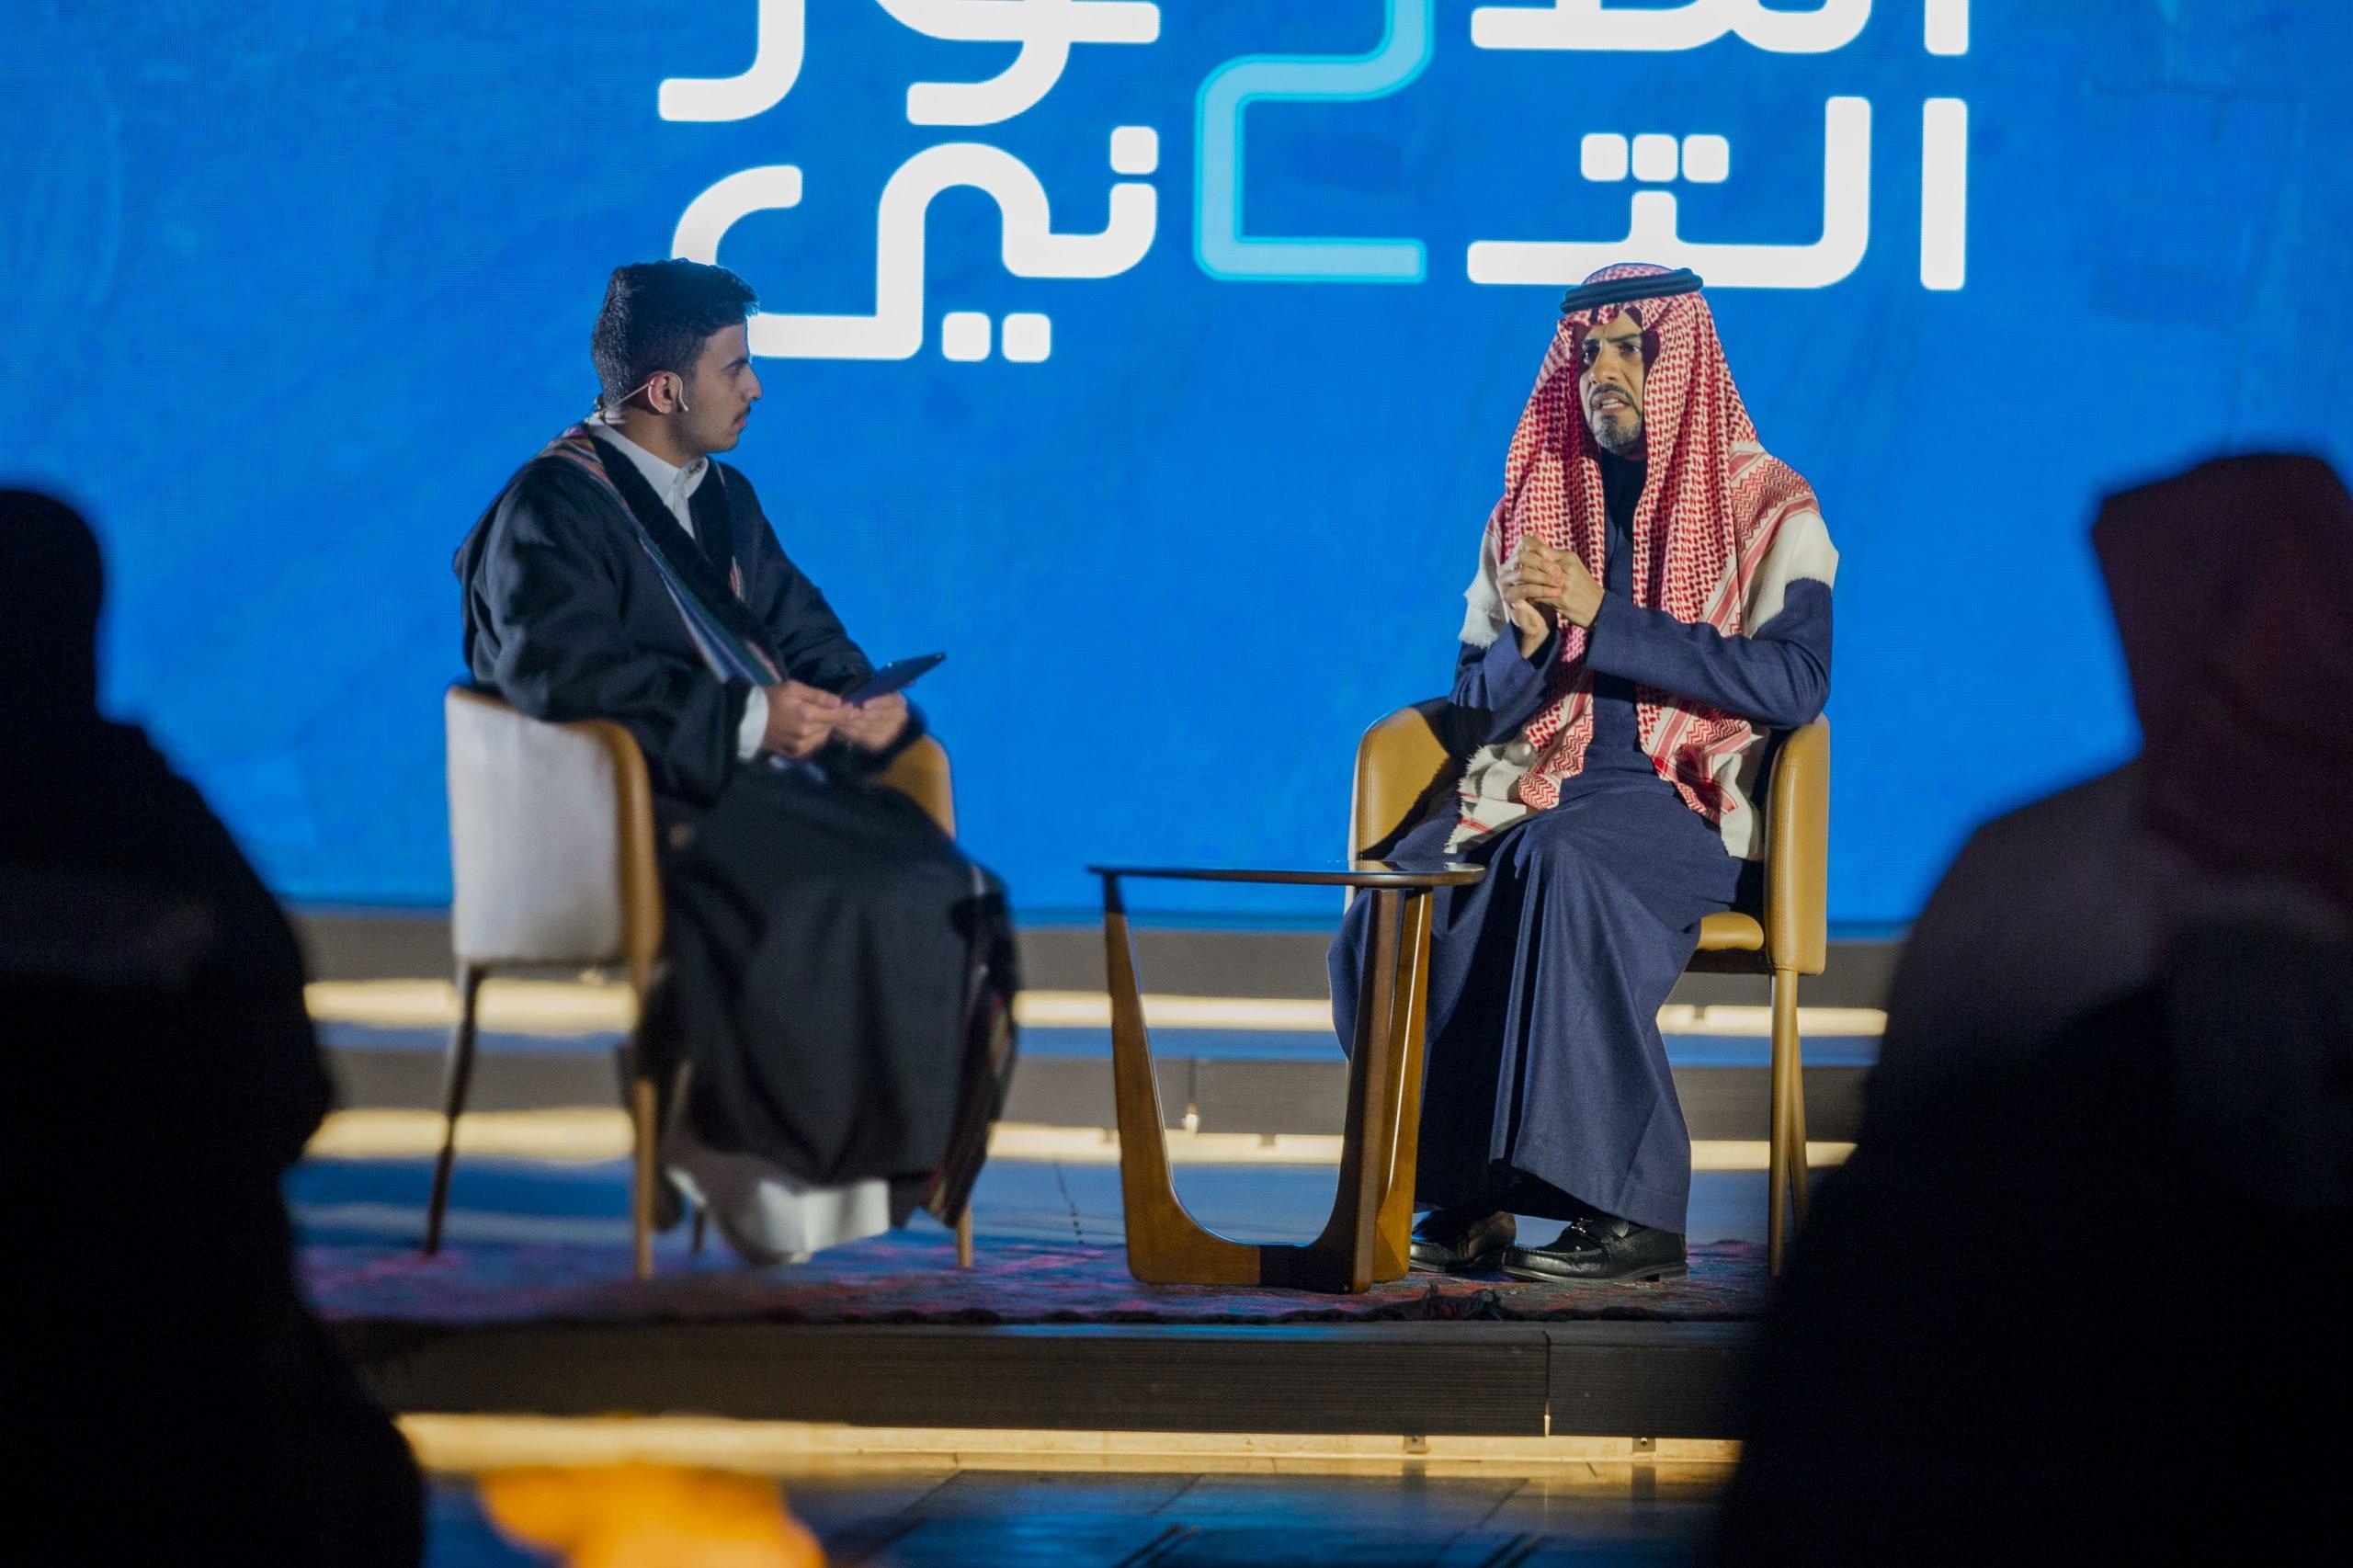 ما الدور الذي تلعبه الجمارك في الاقتصاد السعودي؟